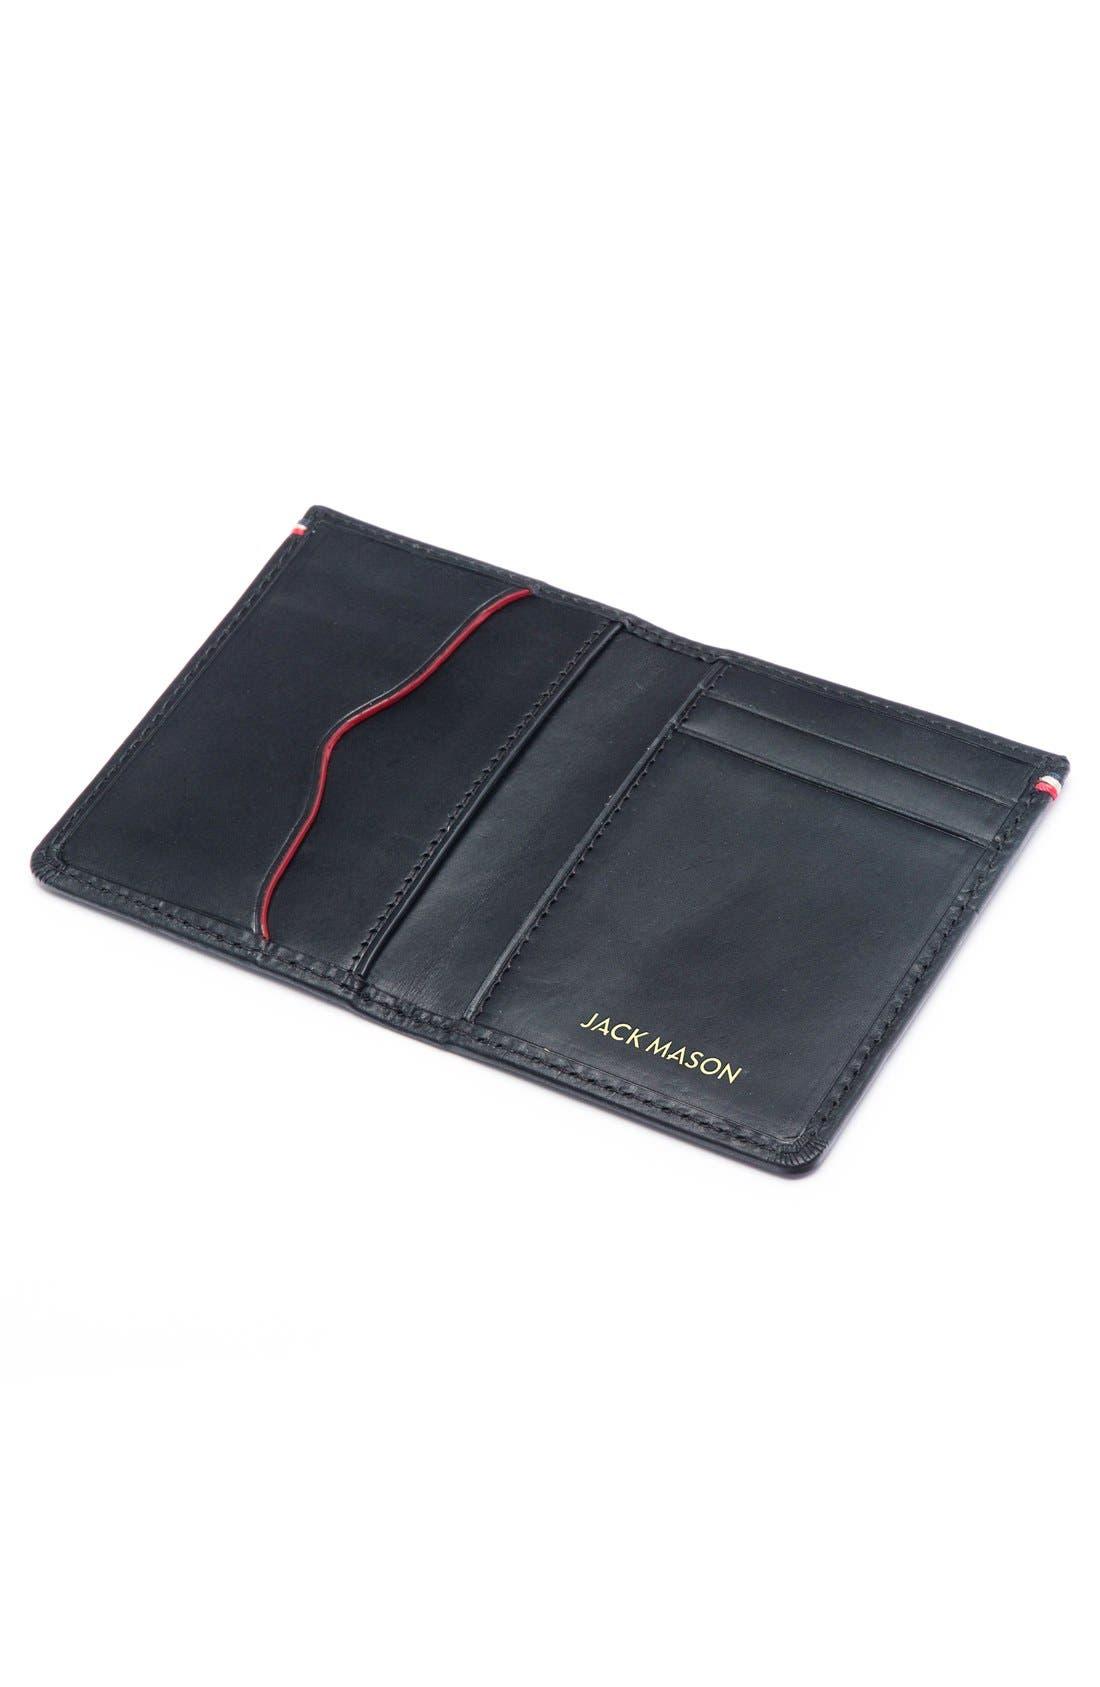 Alternate Image 3  - Jack Mason Core Leather Wallet